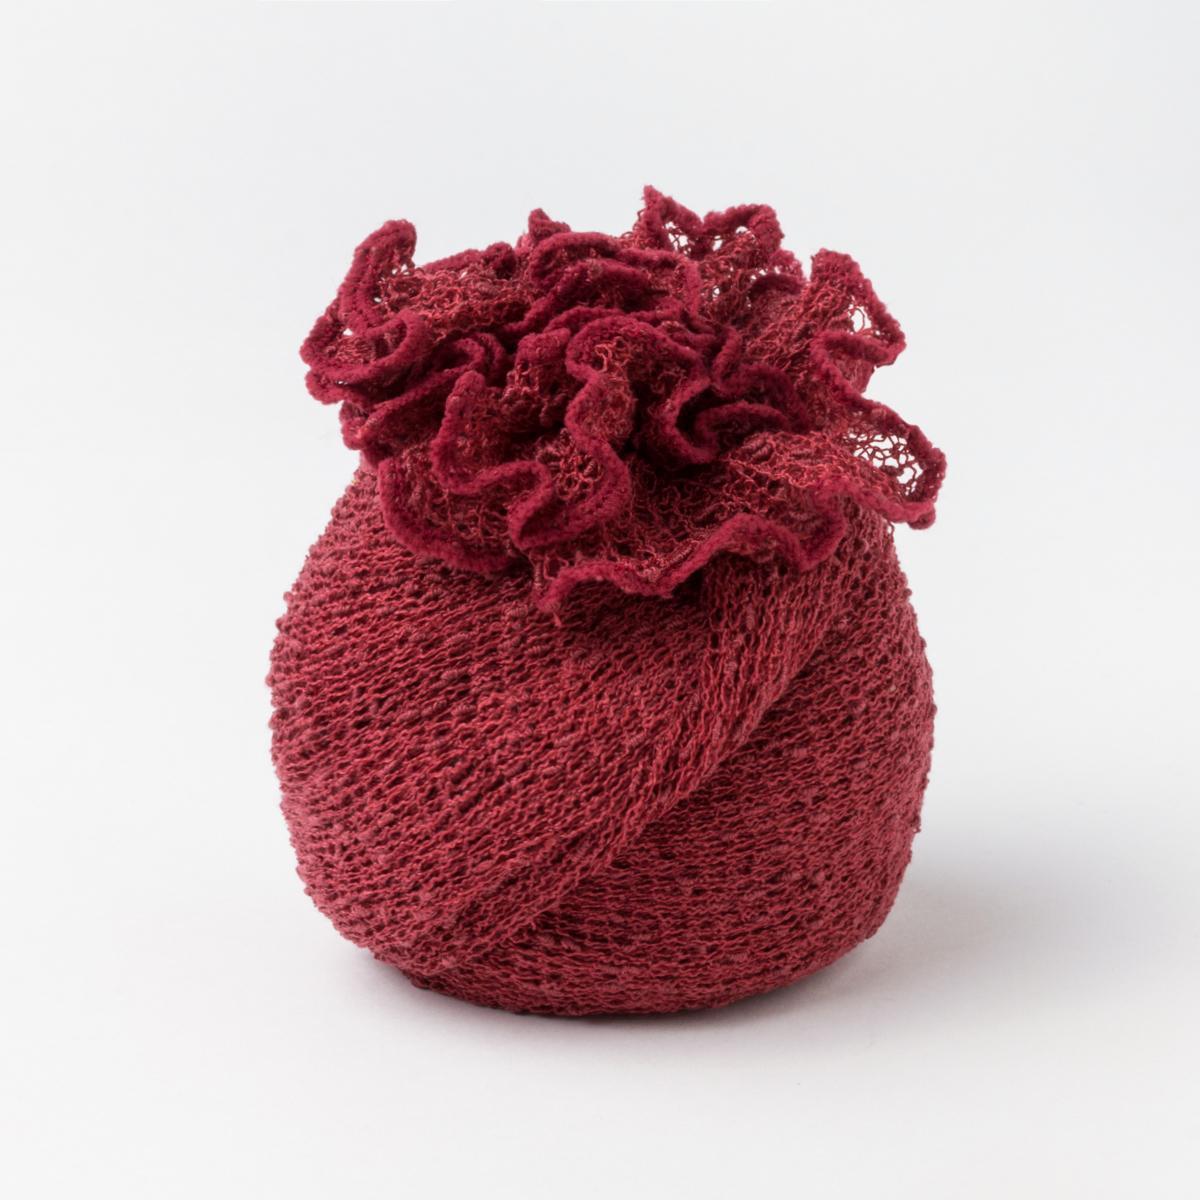 Ponchetto Rosso Amaranto | Accessori Etnici online